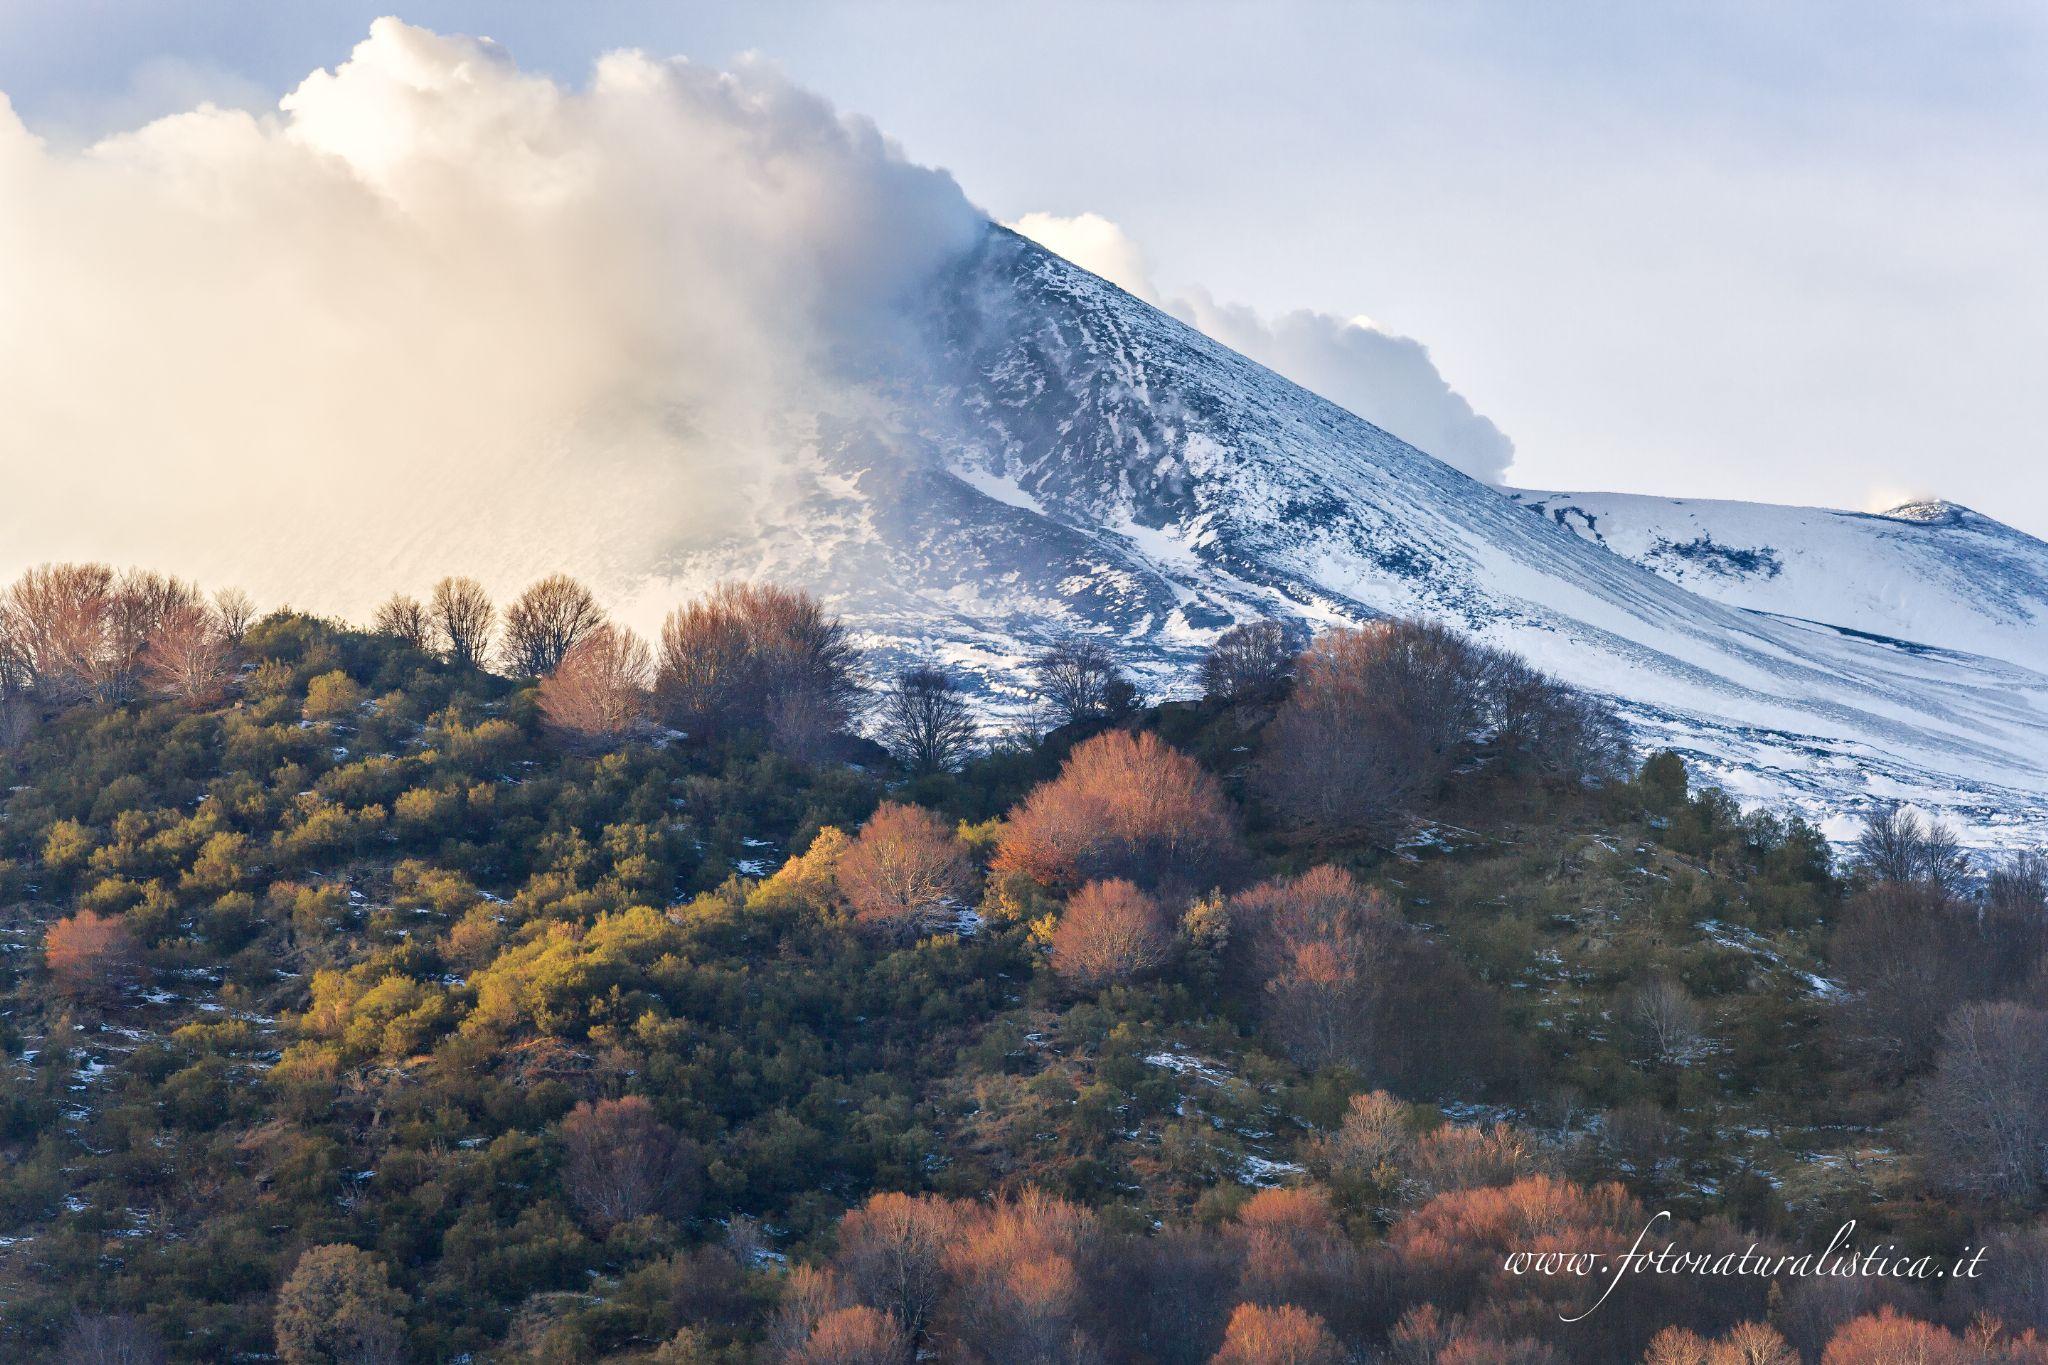 Etna volcano by Fotonaturalistica Giuseppe Parisi